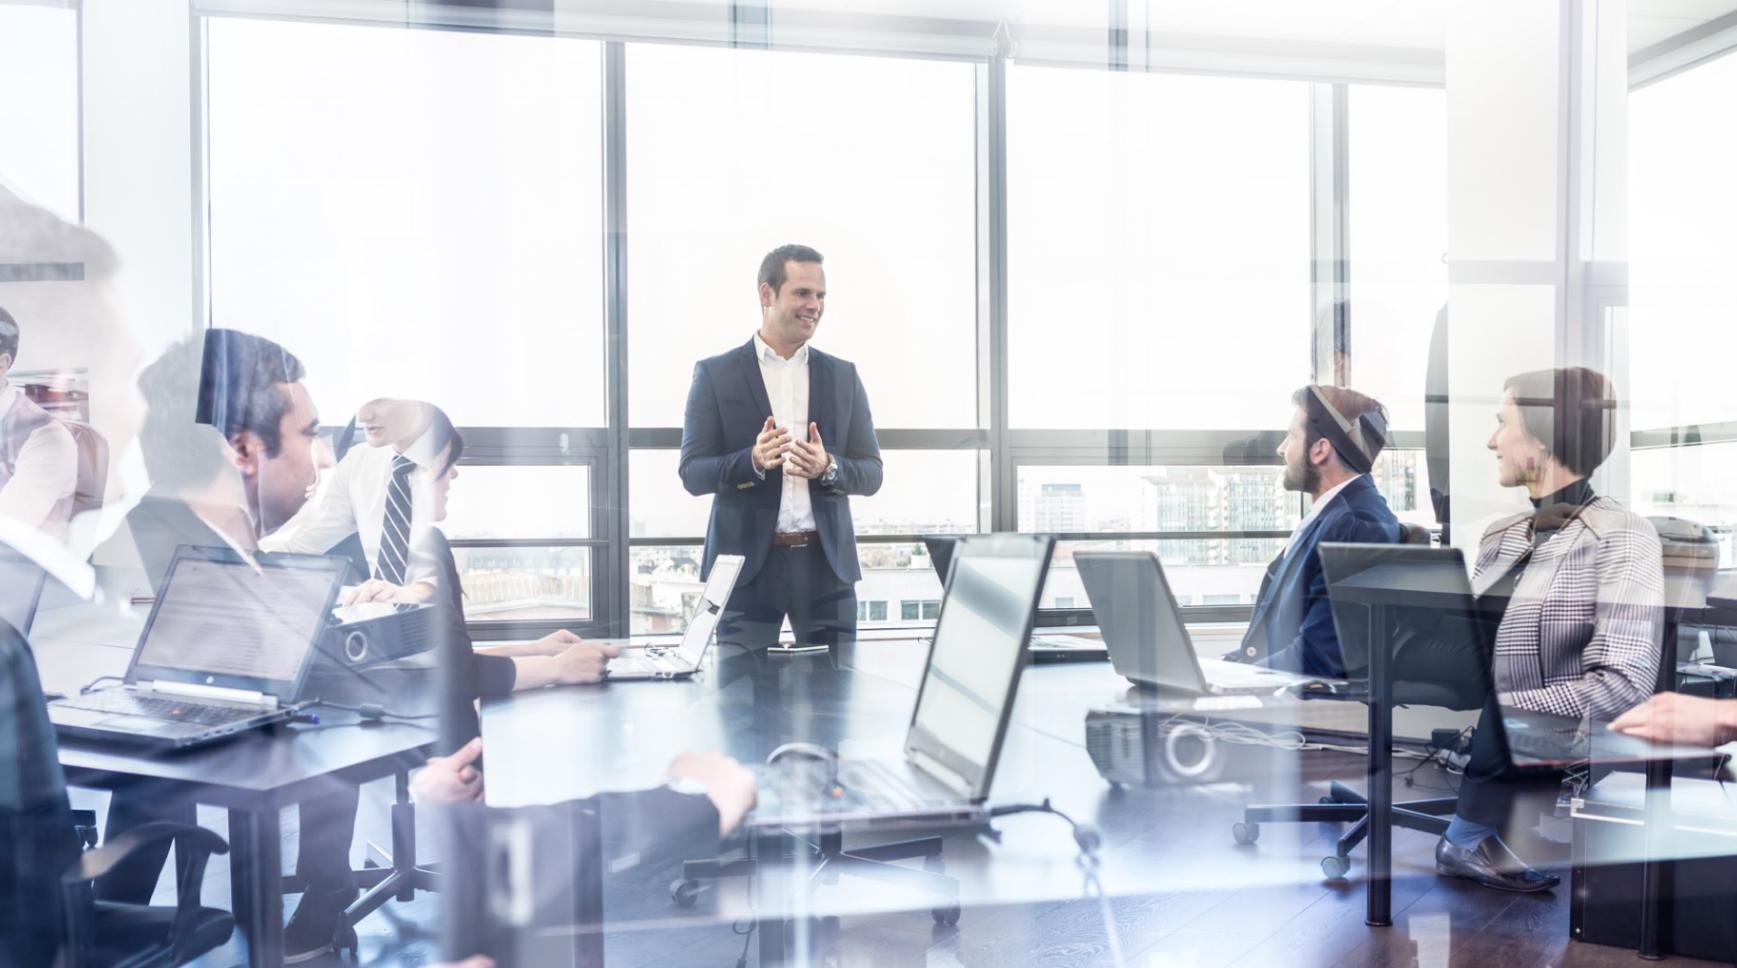 PME - De la création d'entreprise à la structuration d'une PME mature : Optez pour un accompagnement au quotidien, au fait de vos besoins